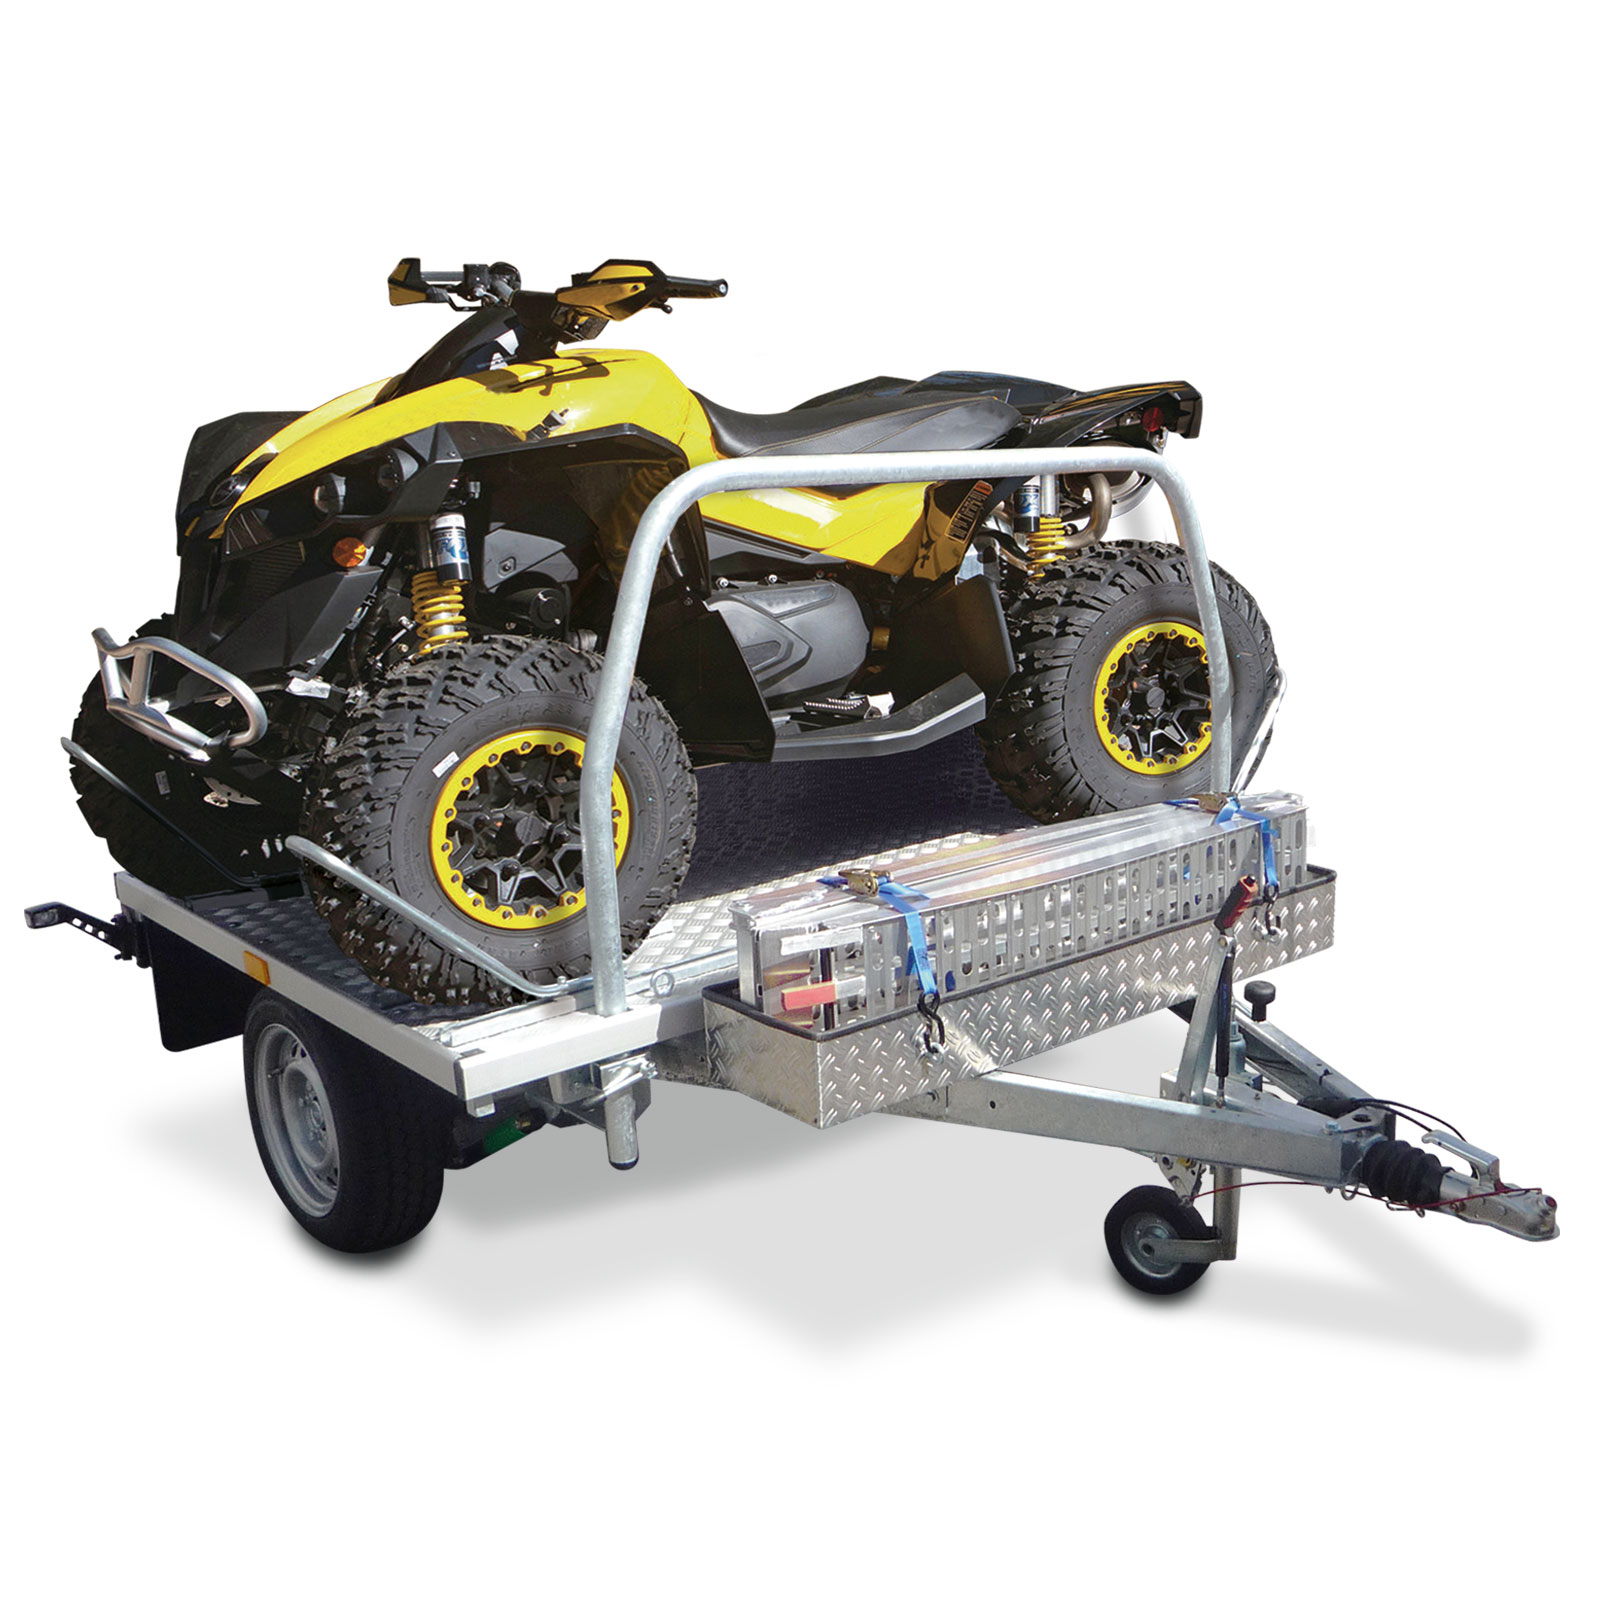 Universali motociklų priekaba Wheely Duo su didesniu pakrovimo plotu